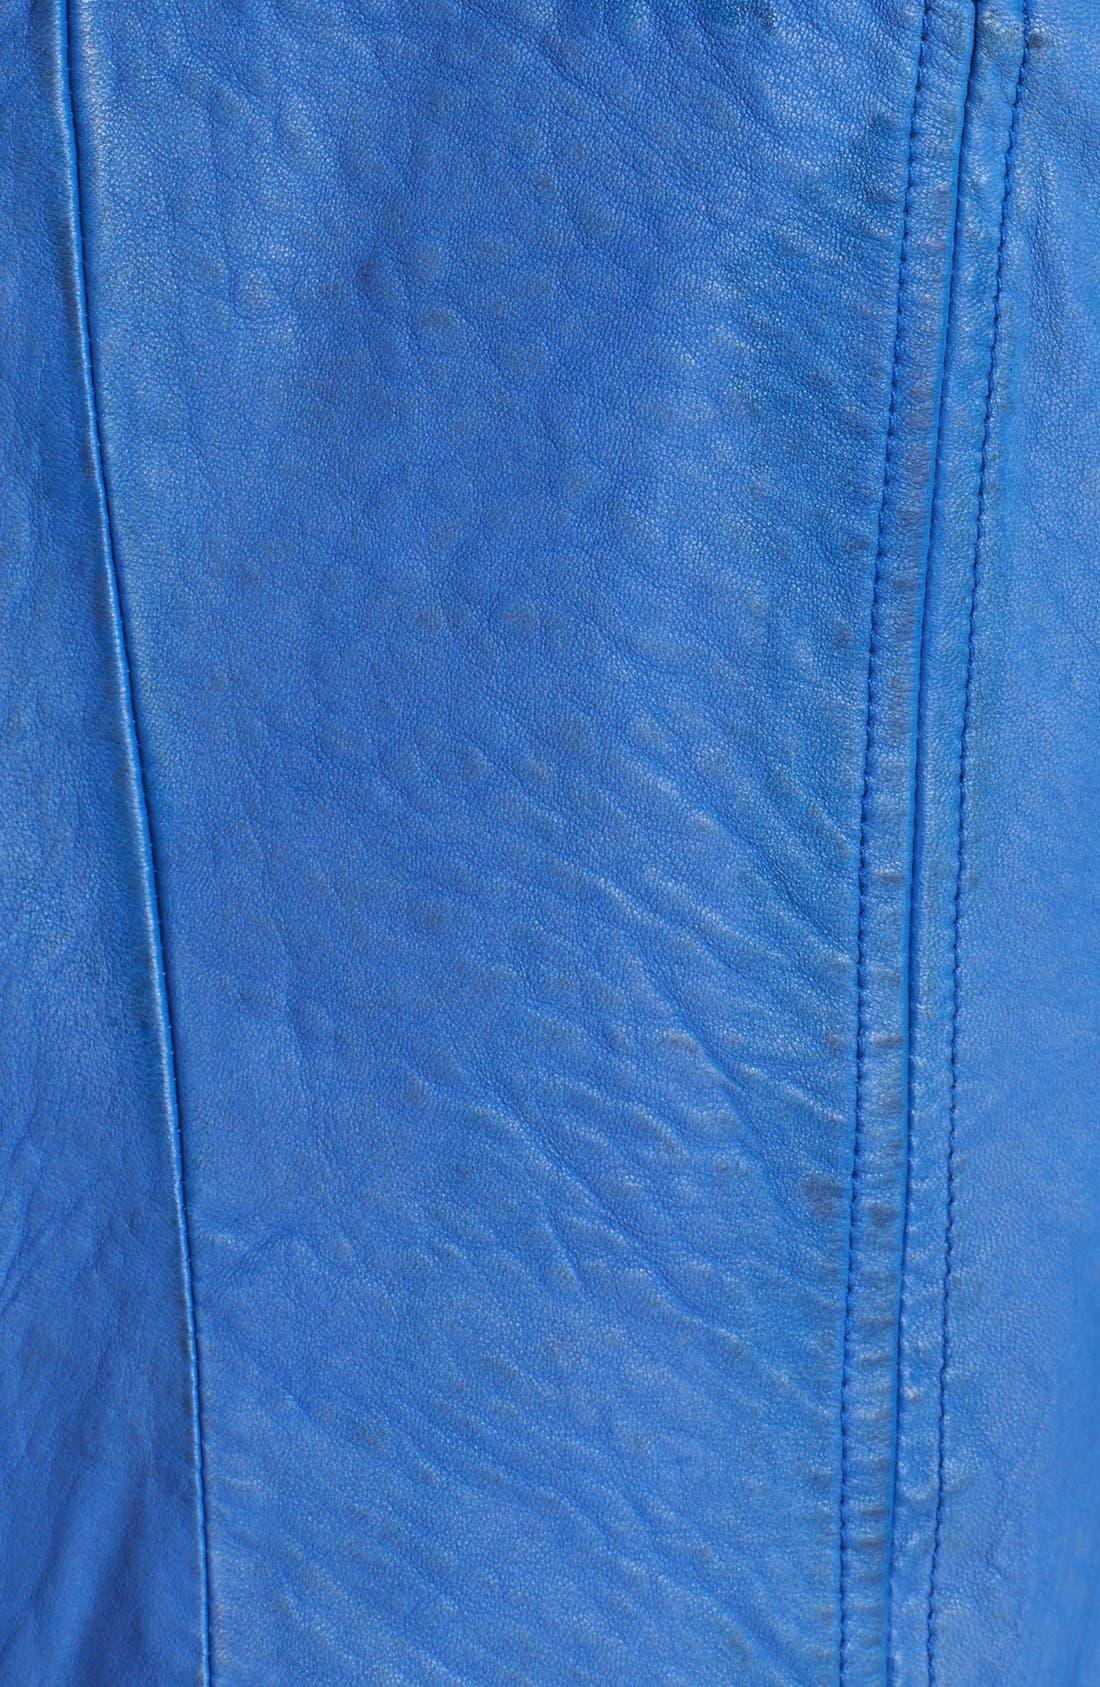 Alternate Image 3  - ELEVENPARIS 'Trinite' Leather Jacket